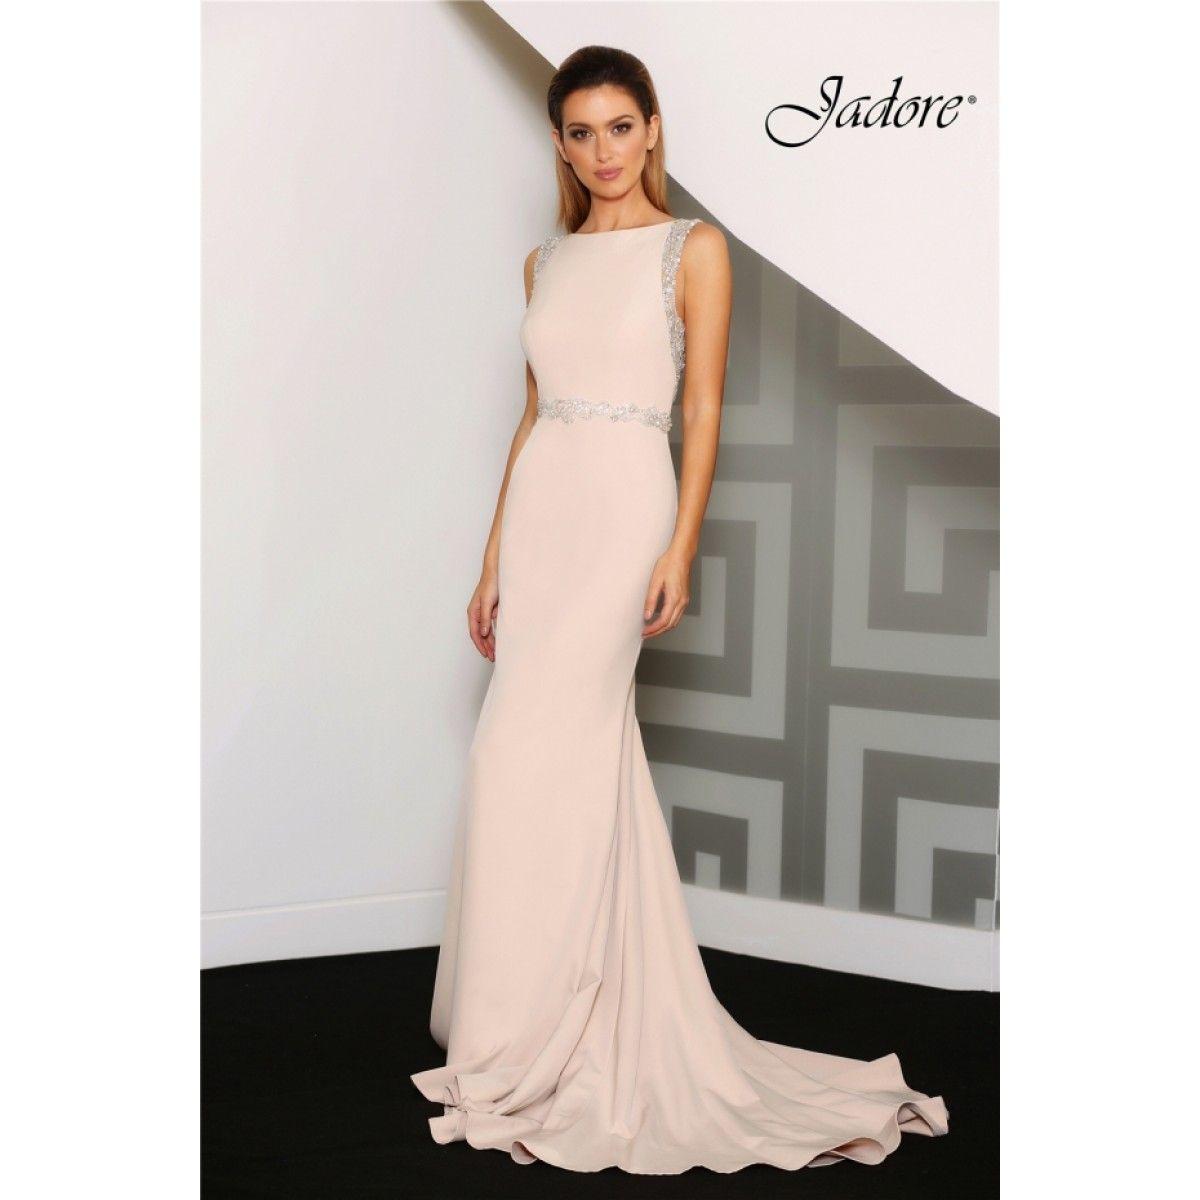 Jadore lace dress xl my fashion dresses pinterest gowns lace